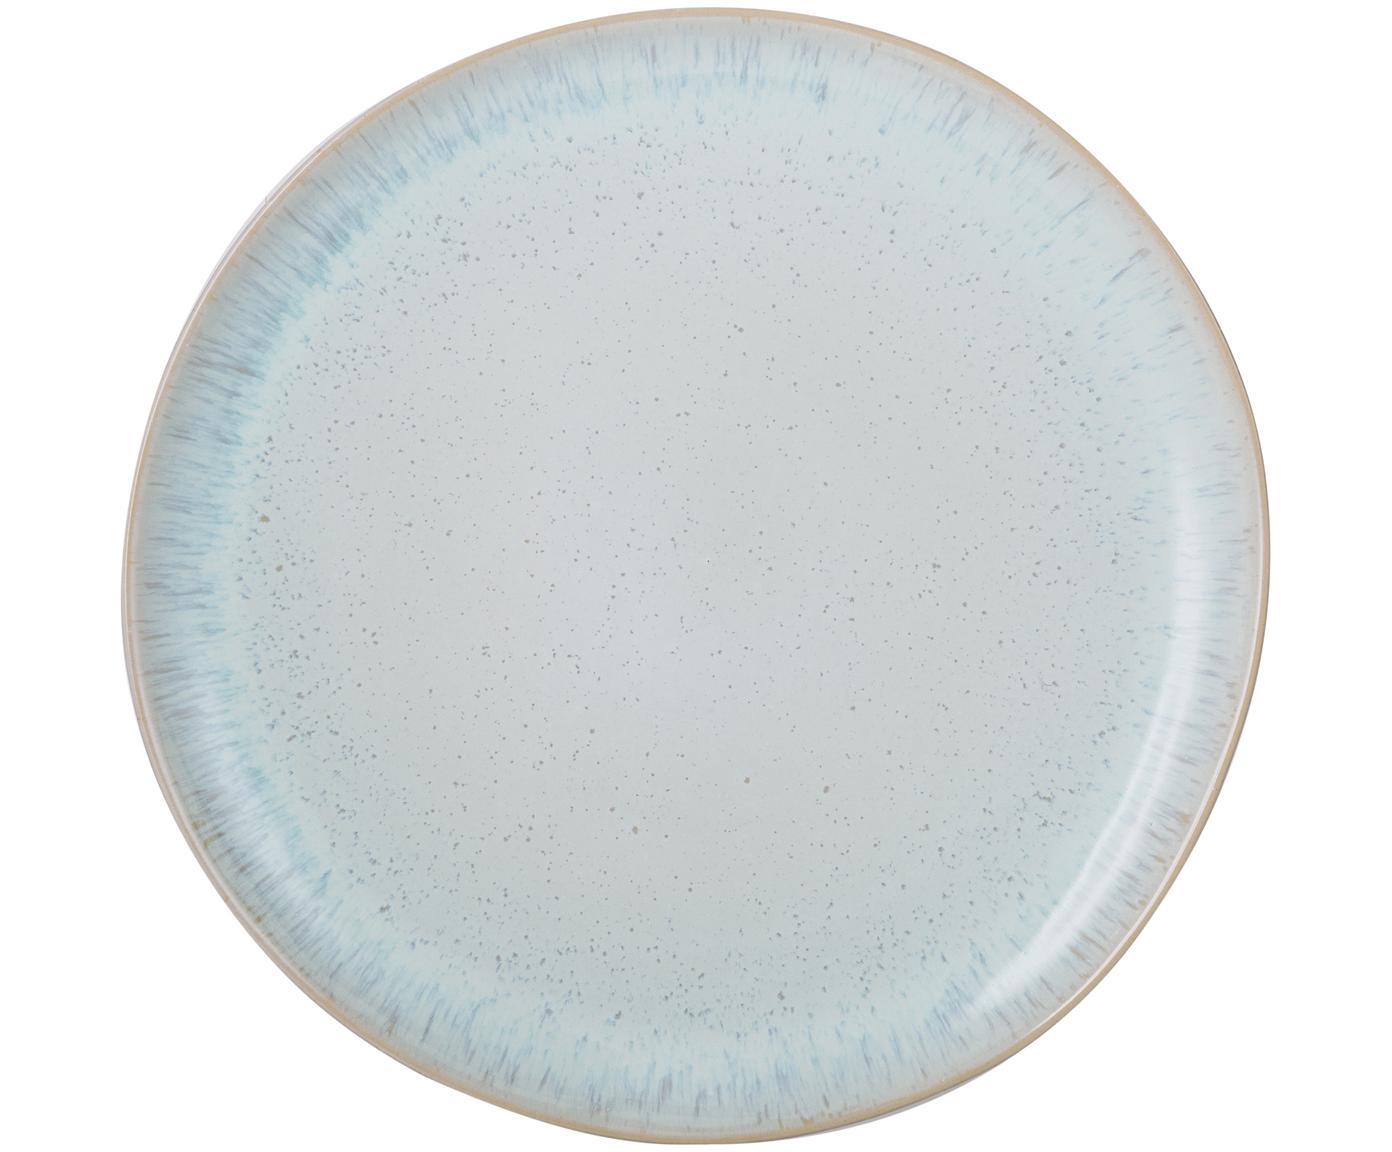 Handbemalter Speiseteller Areia mit reaktiver Glasur, Steingut, Hellblau, Gebrochenes Weiß, Hellbeige, Ø 28 cm